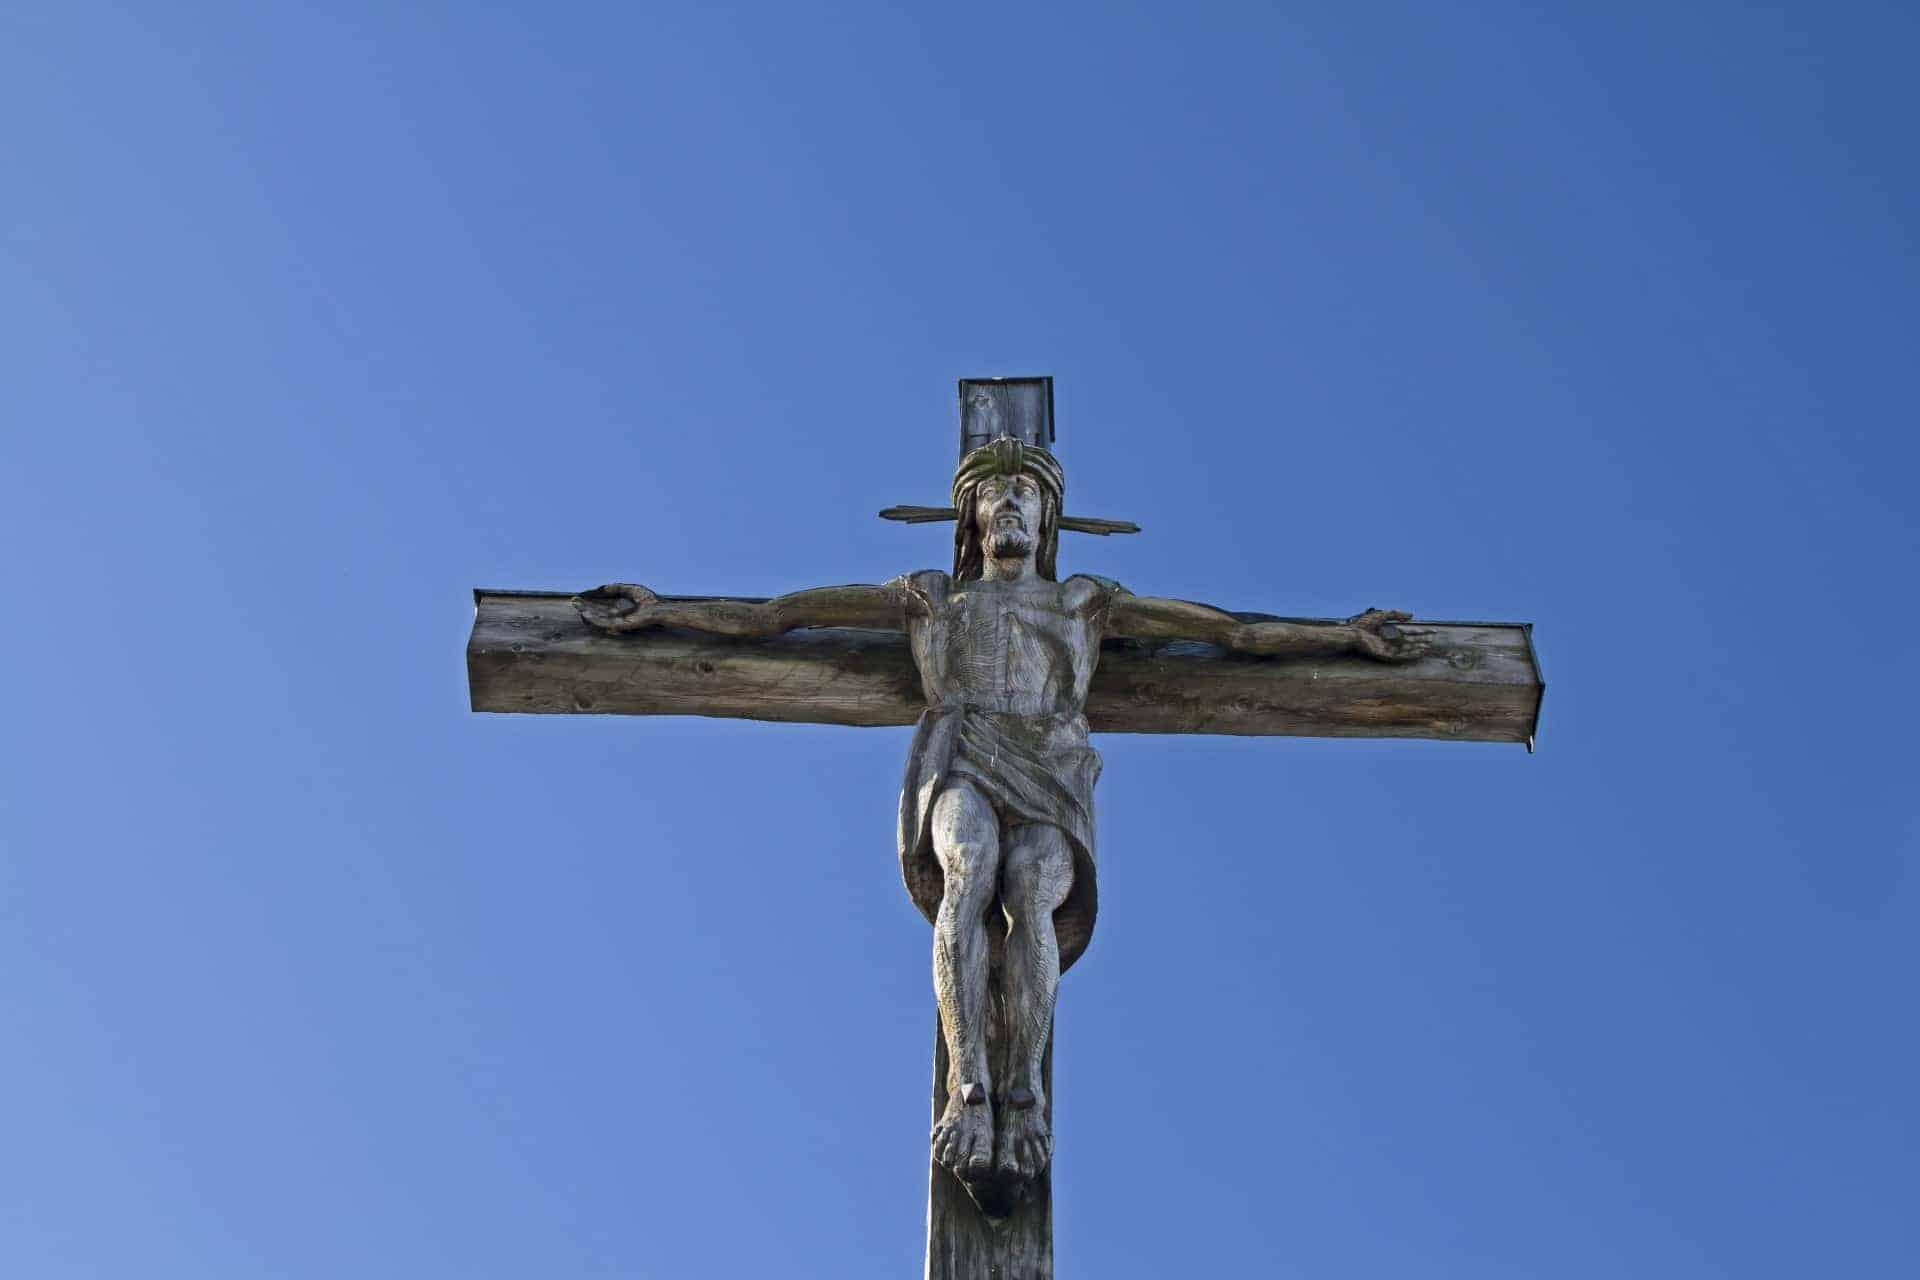 The Crucifix atop Kofel near Oberammergau